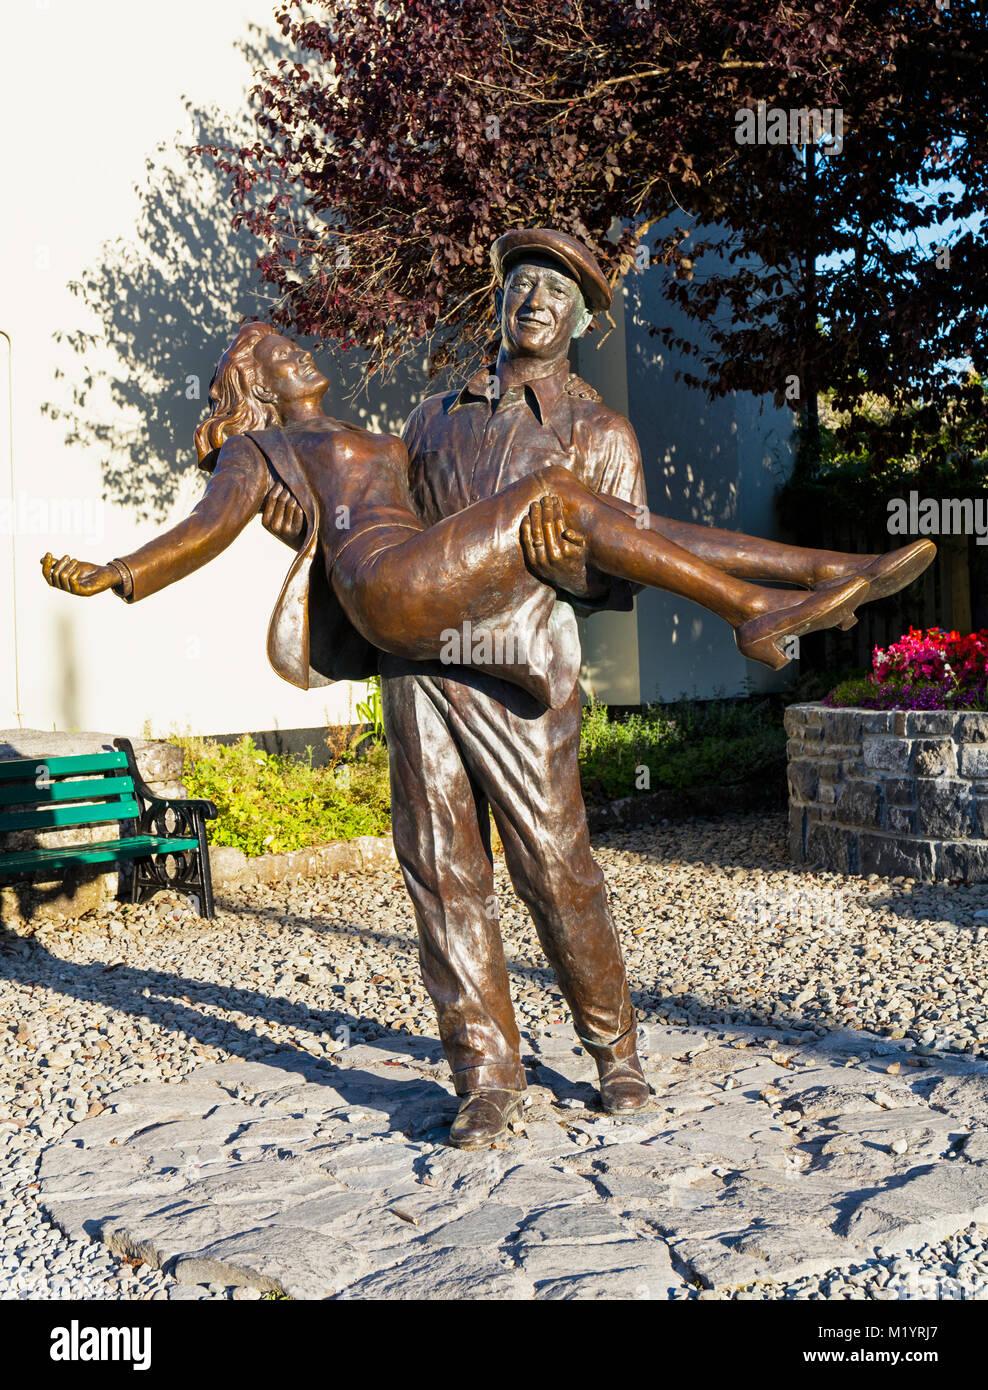 El hombre tranquilo estatua, Cong, Condado de Mayo, Connemara, República de Irlanda. Eire. La estatua se basa Imagen De Stock